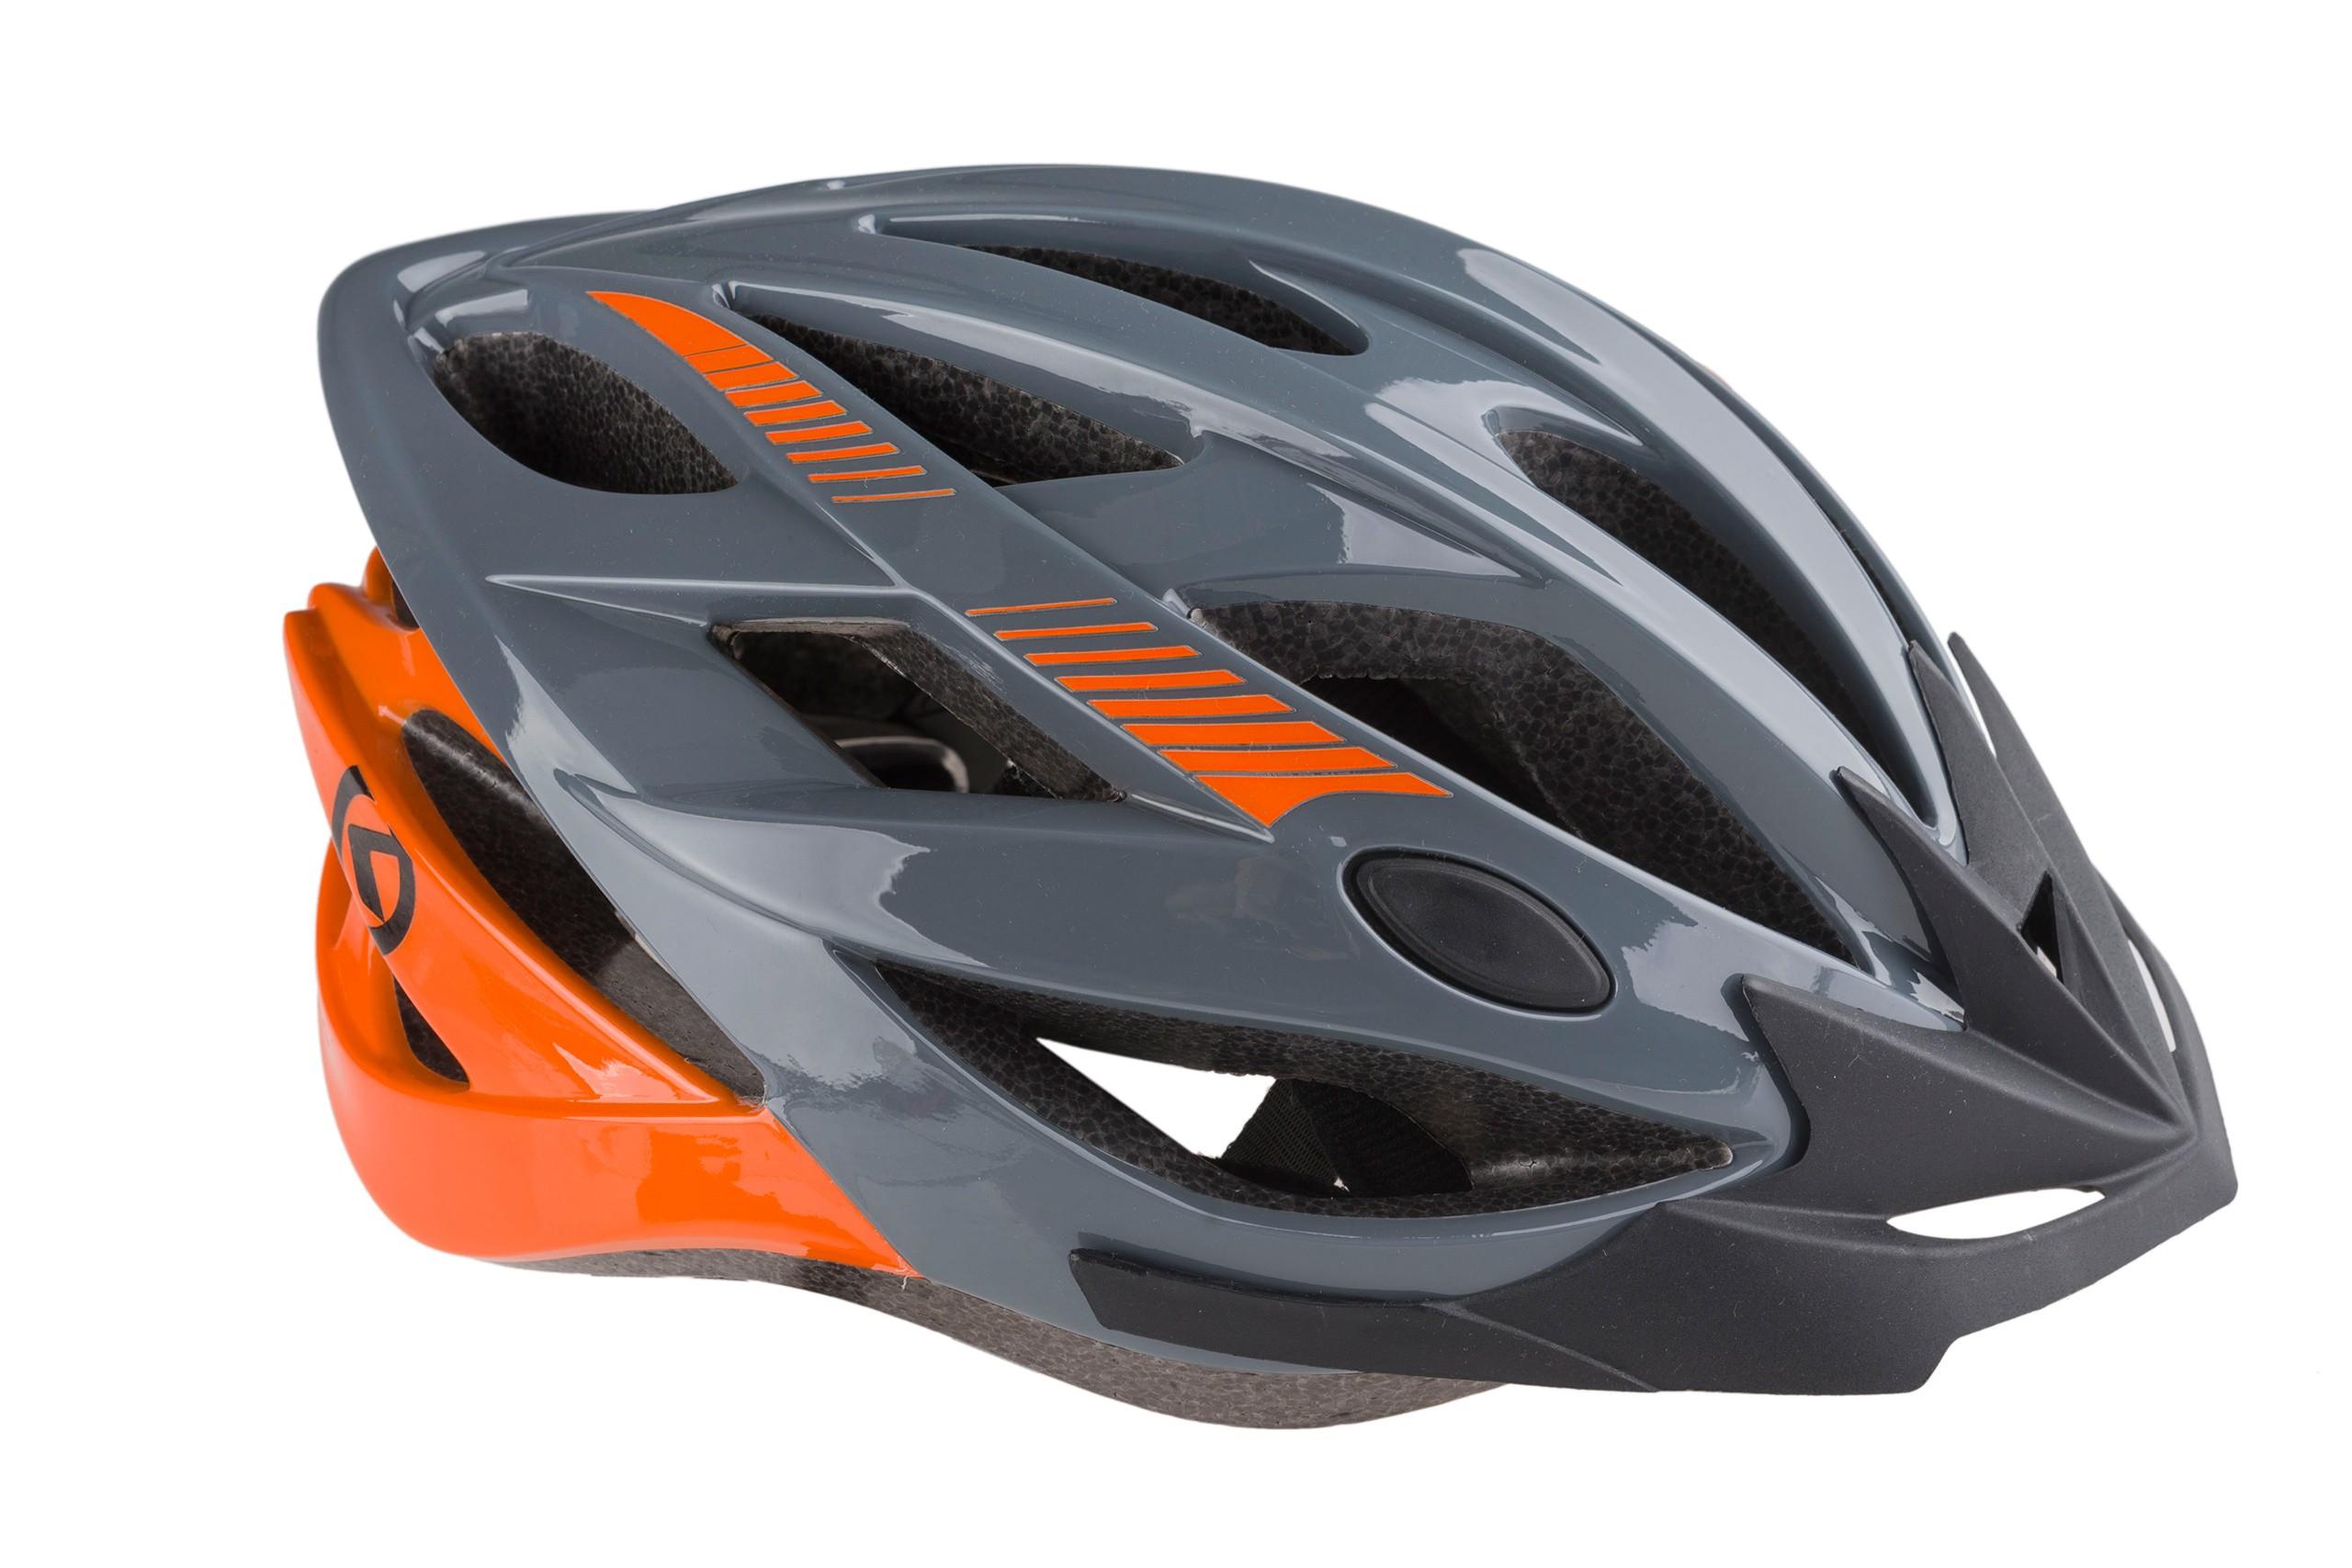 Kask rowerowy KELLYS REBUS M/L szaro-pomarańczowy